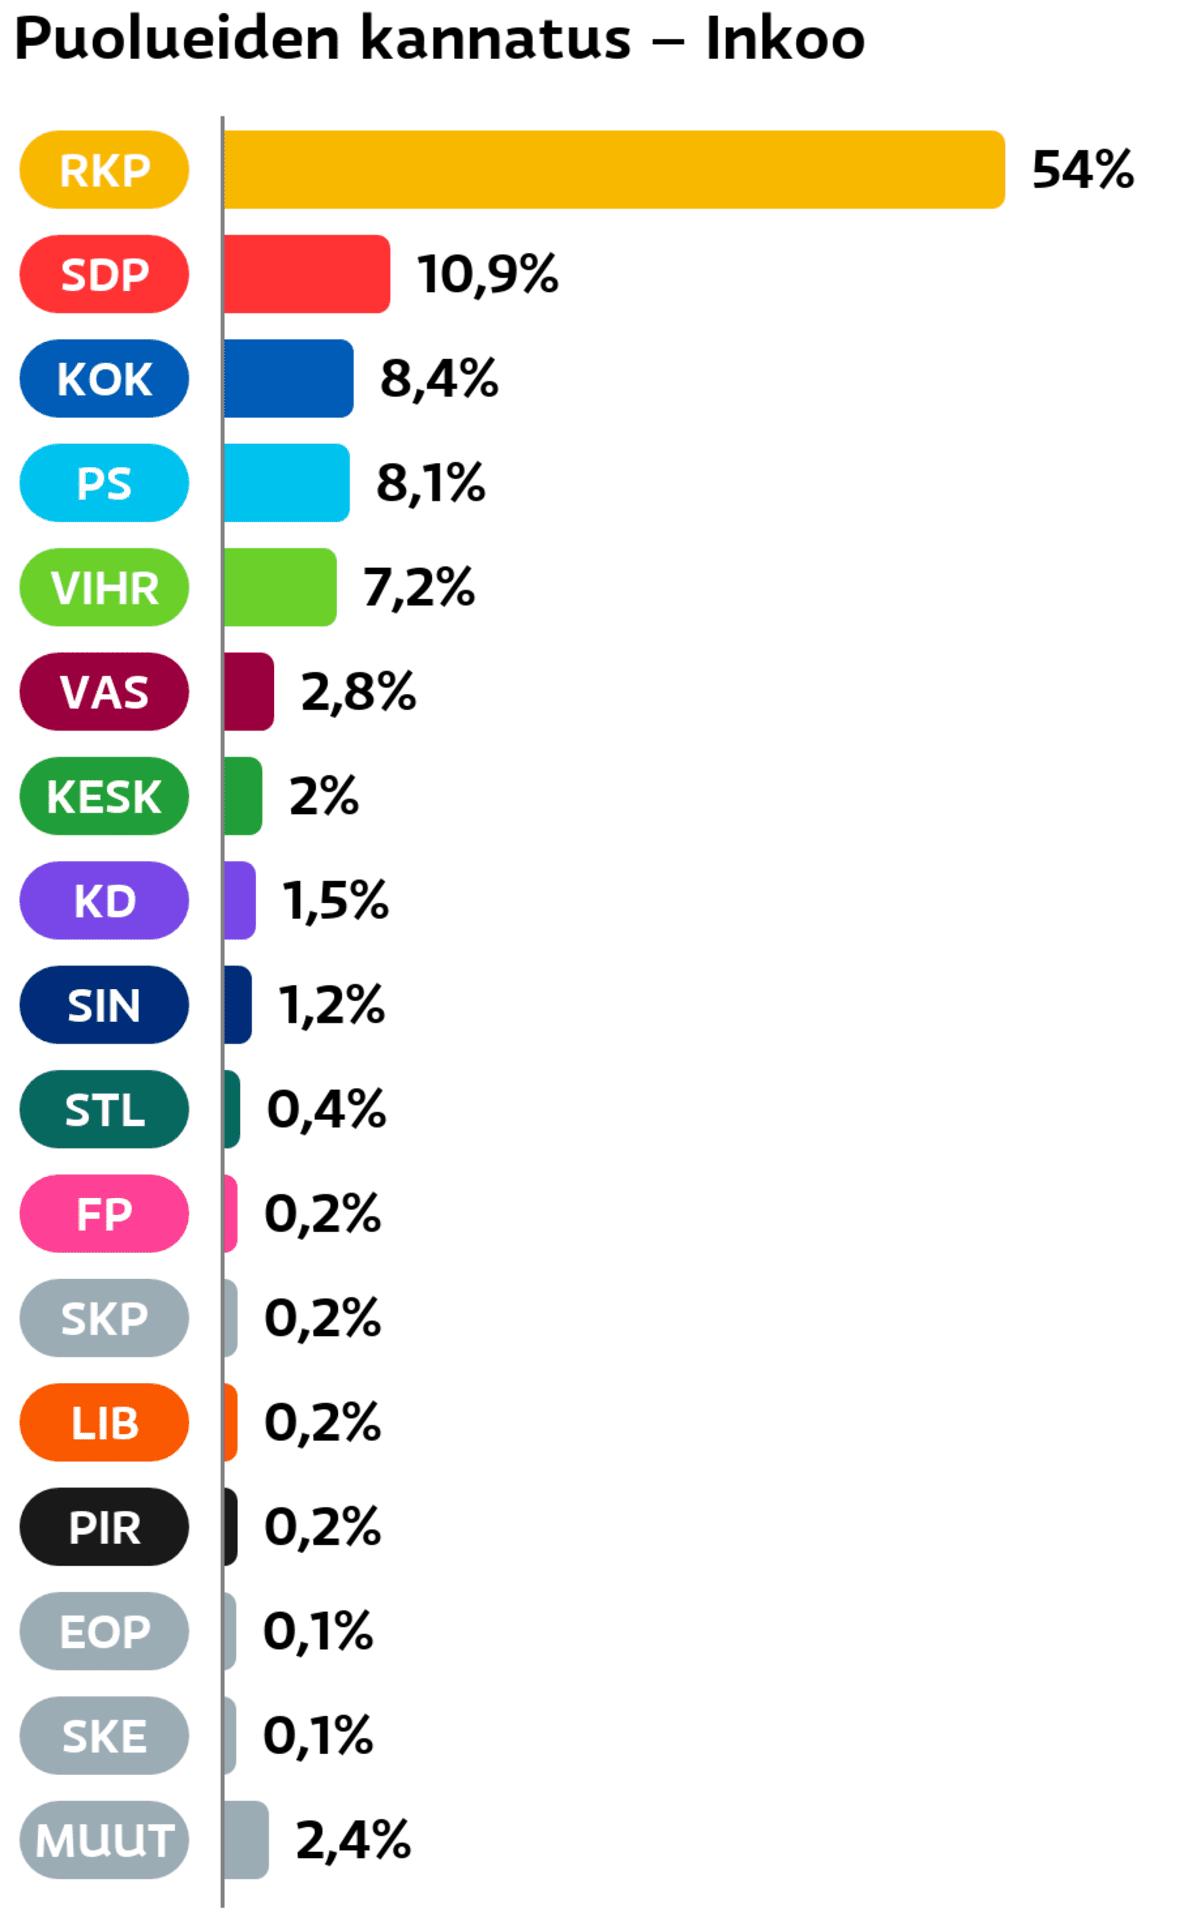 Puolueiden kannatus: Inkoo RKP: 54 prosenttia SDP: 10,9 prosenttia Kokoomus: 8,4 prosenttia Perussuomalaiset: 8,1 prosenttia Vihreät: 7,2 prosenttia Vasemmistoliitto: 2,8 prosenttia Keskusta: 2 prosenttia Suomen Kristillisdemokraatit: 1,5 prosenttia Sininen tulevaisuus: 1,2 prosenttia Tähtiliike: 0,4 prosenttia Feministinen puolue: 0,2 prosenttia SKP: 0,2 prosenttia Liberaalipuolue: 0,2 prosenttia Piraattipuolue: 0,2 prosenttia Eläinoikeuspuolue: 0,1 prosenttia Suomen Kansa Ensin: 0,1 prosenttia Muut ryhmät: 2,4 prosenttia